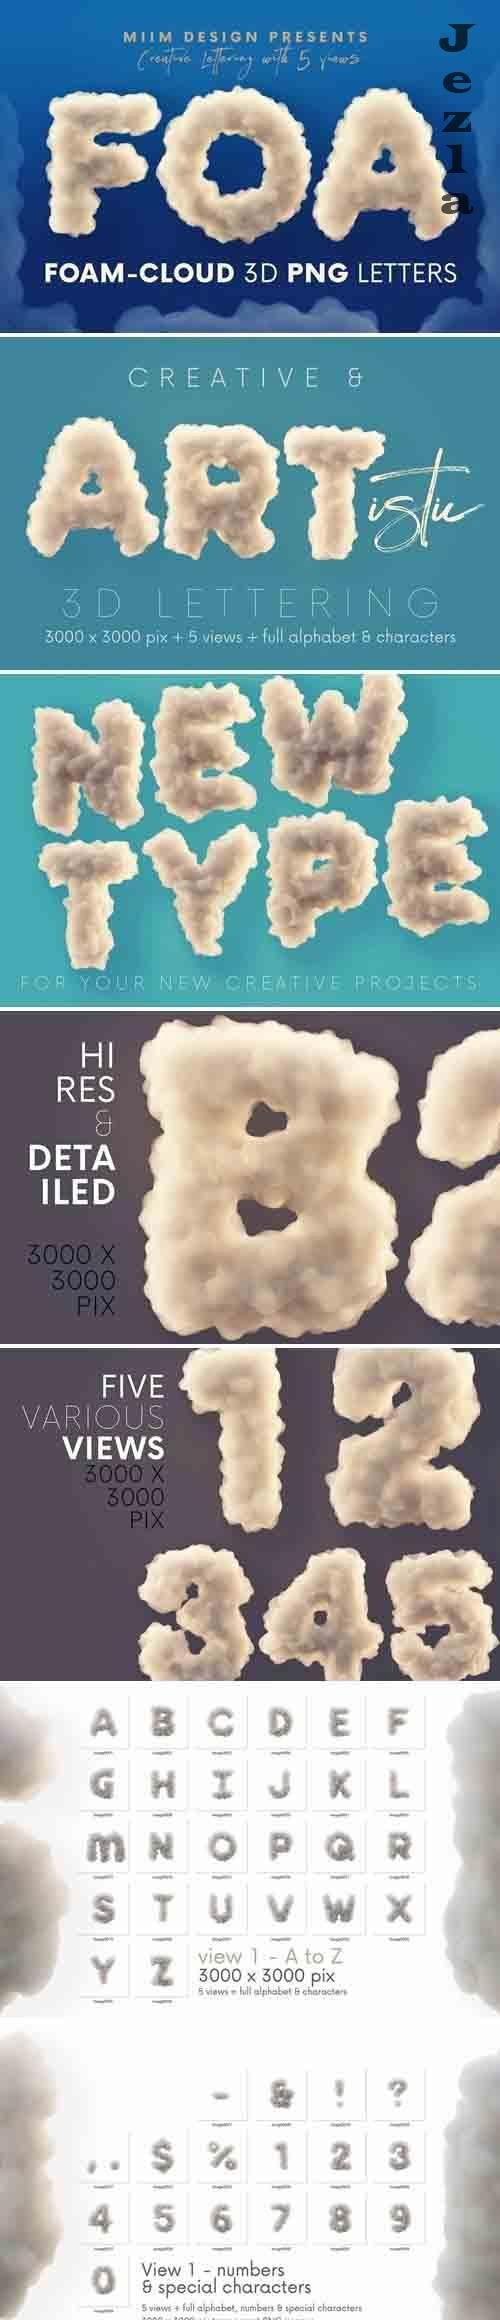 Foam or Cloud - 3D Lettering - 6093539